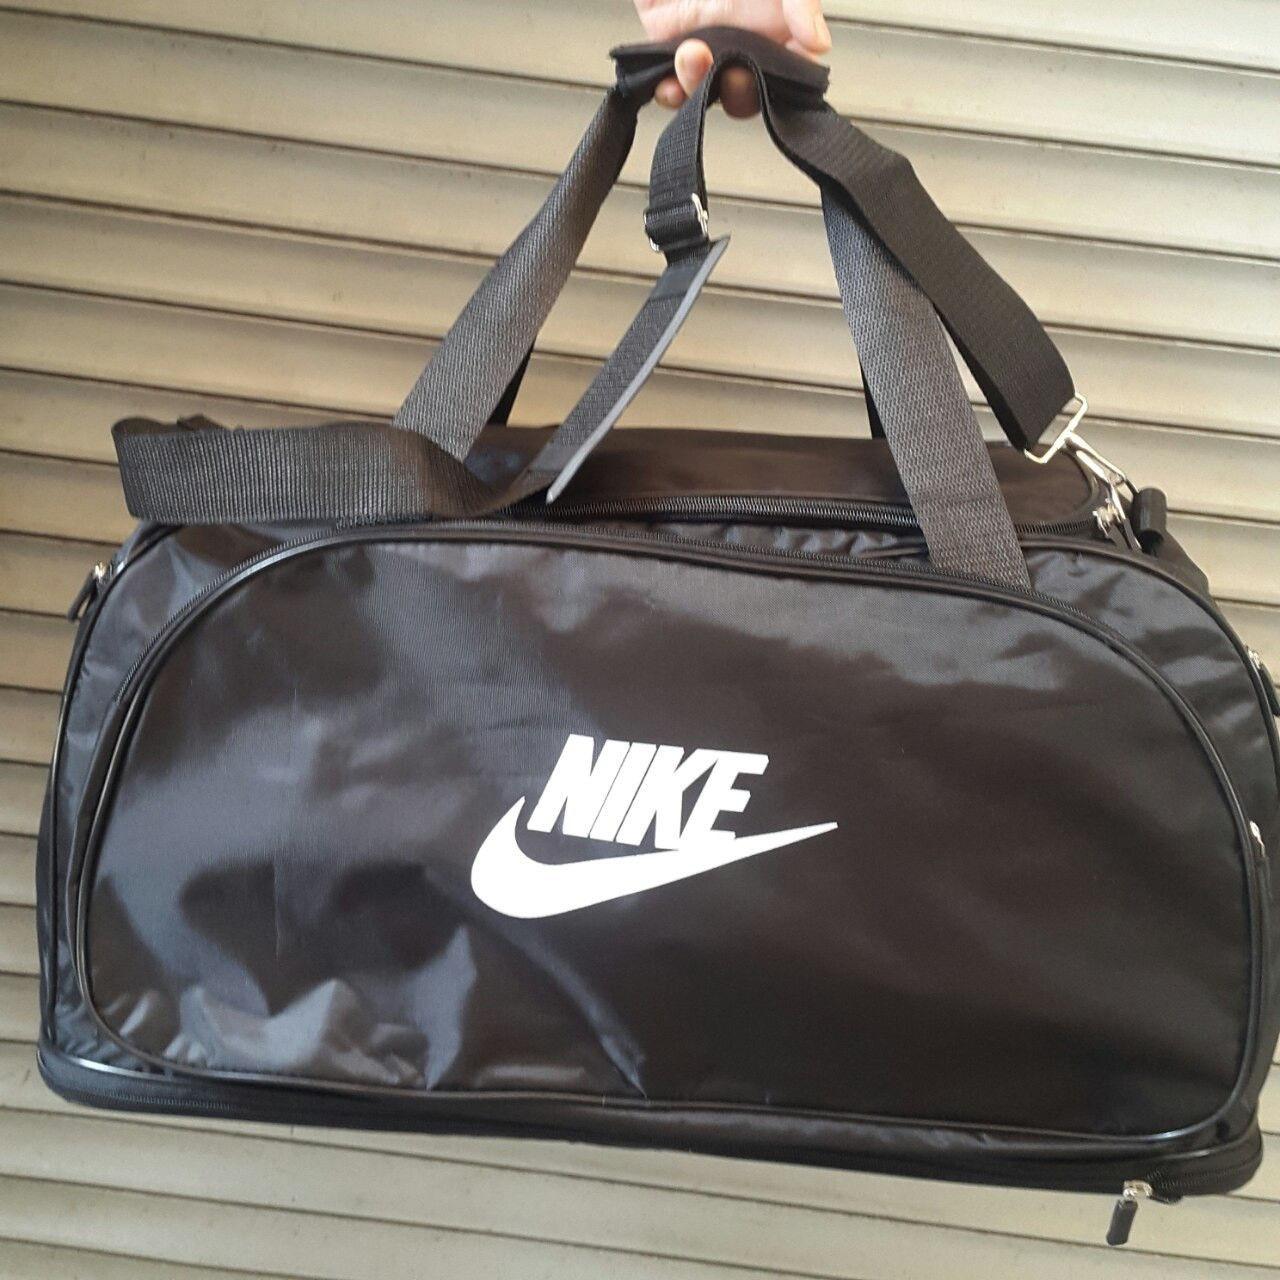 9938215816b8 Сумка дорожная, спортивная Nike, Найк чёрная (45*26), цена 265 грн ...